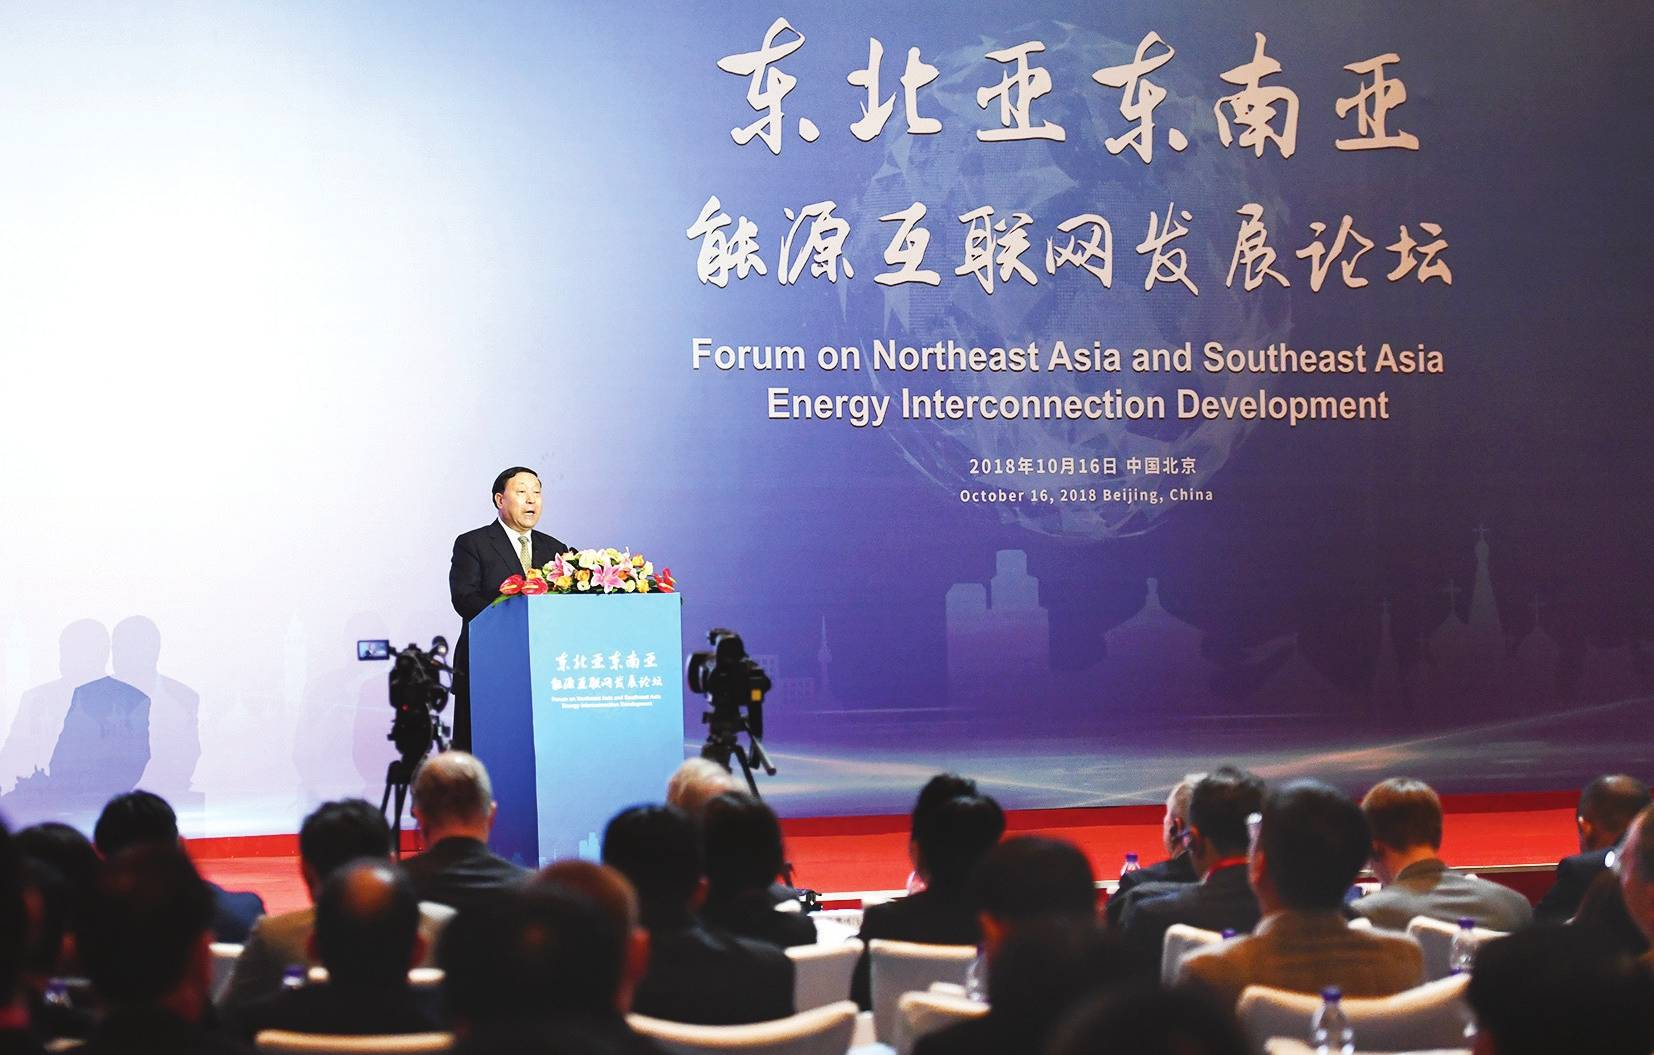 东北亚能源互联网建设将首推中韩联网